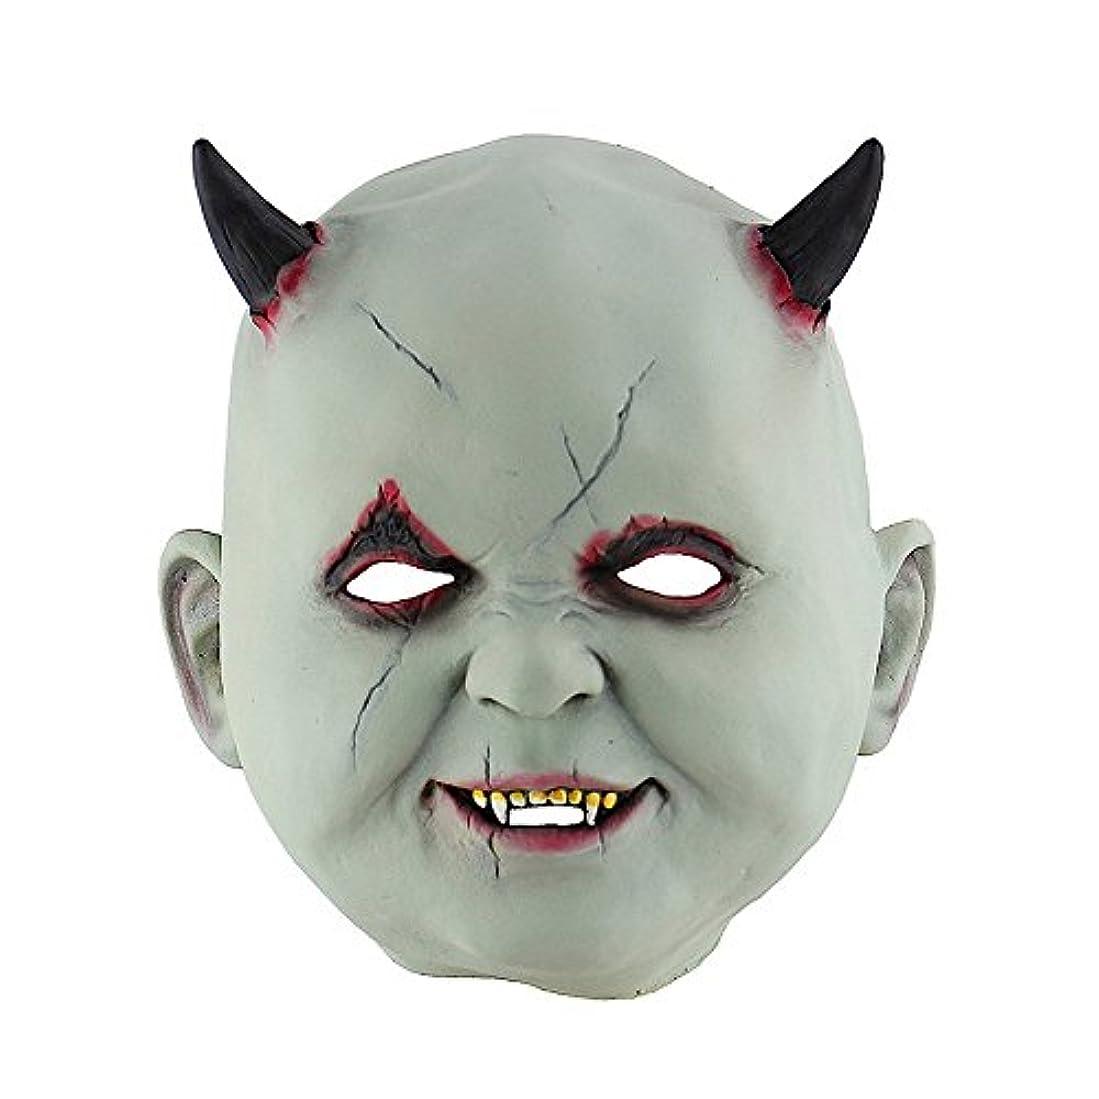 ドループ十一合わせてハロウィンマスクホラーゾンビお化け屋敷は小道具のヘッドギア悪魔ヴァンパイアマスクをドレスアップ